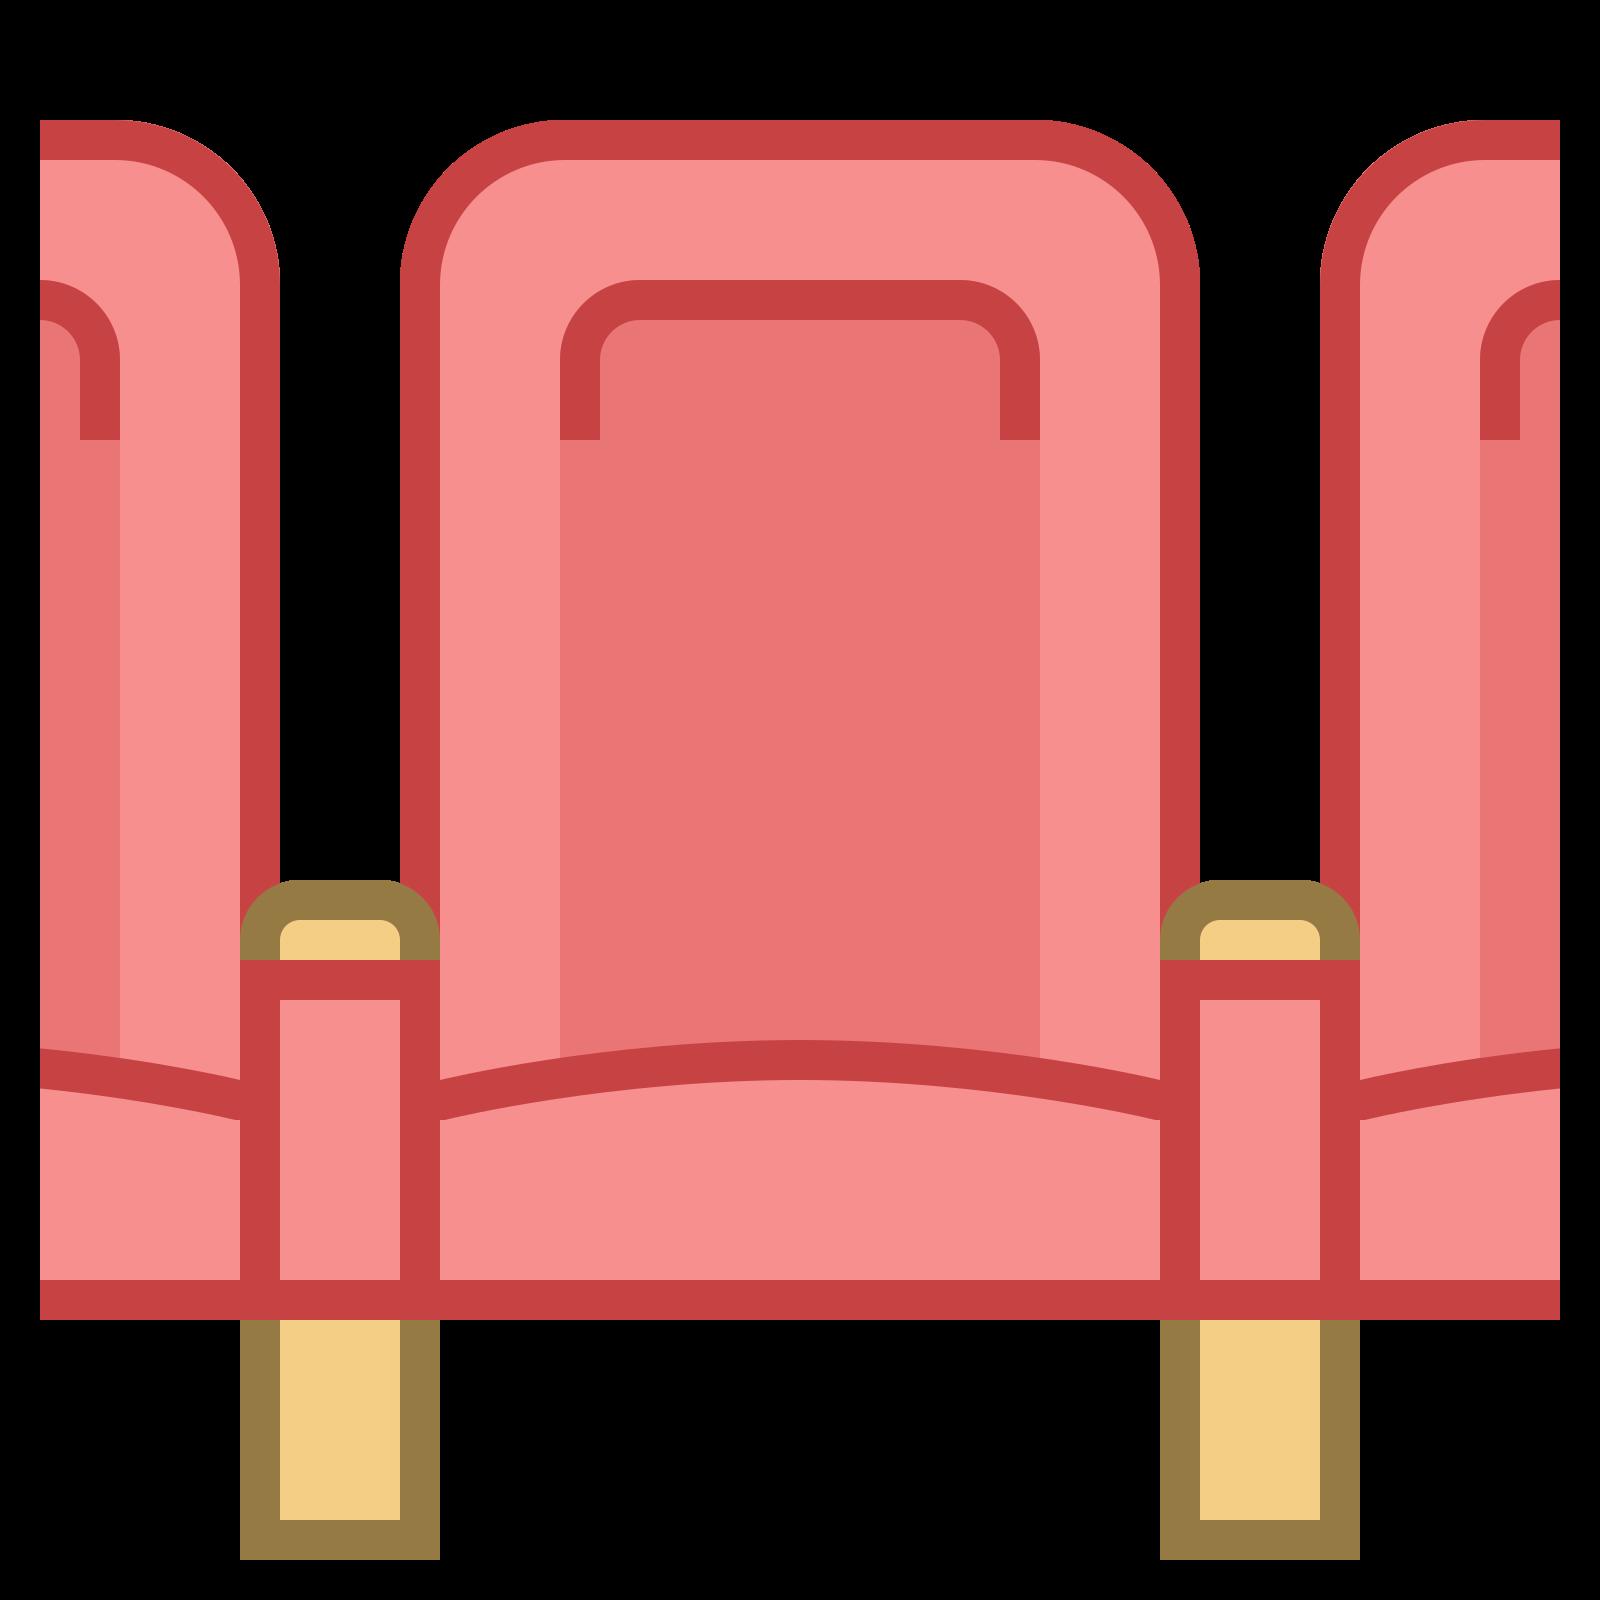 Theatre Seats icon